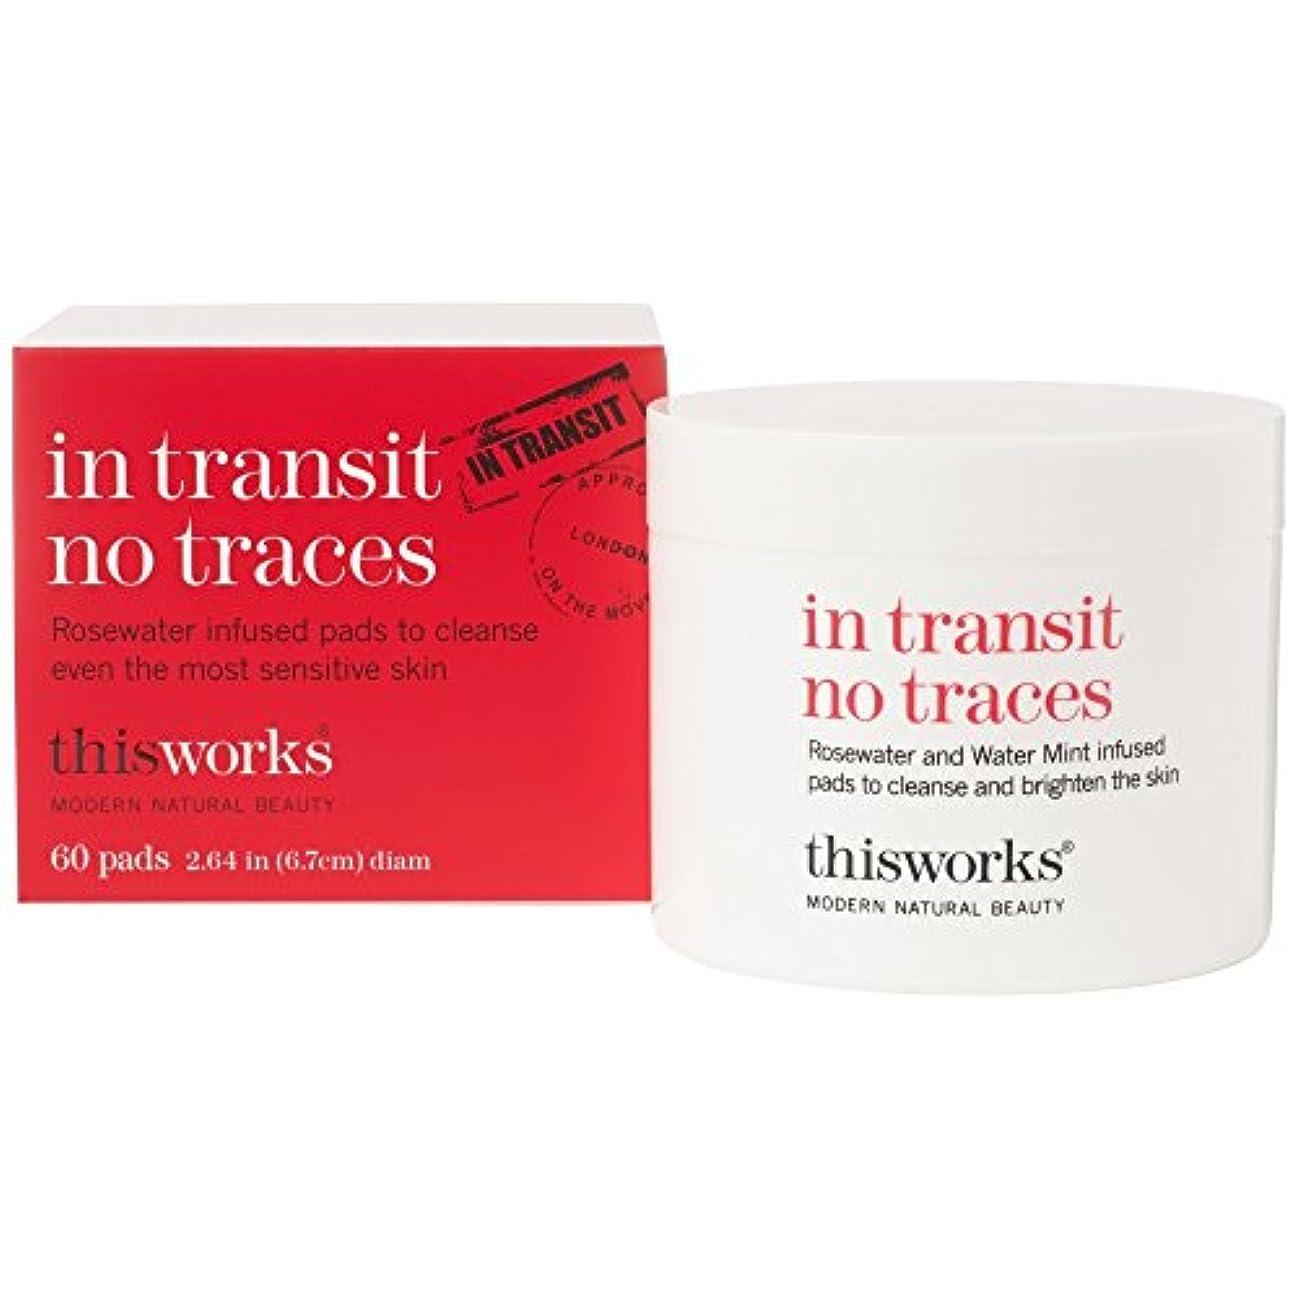 日焼けファシズム居住者これは、輸送中に痕跡、60パッドに動作しません (This Works) (x6) - This Works In Transit No Traces, 60 Pads (Pack of 6) [並行輸入品]